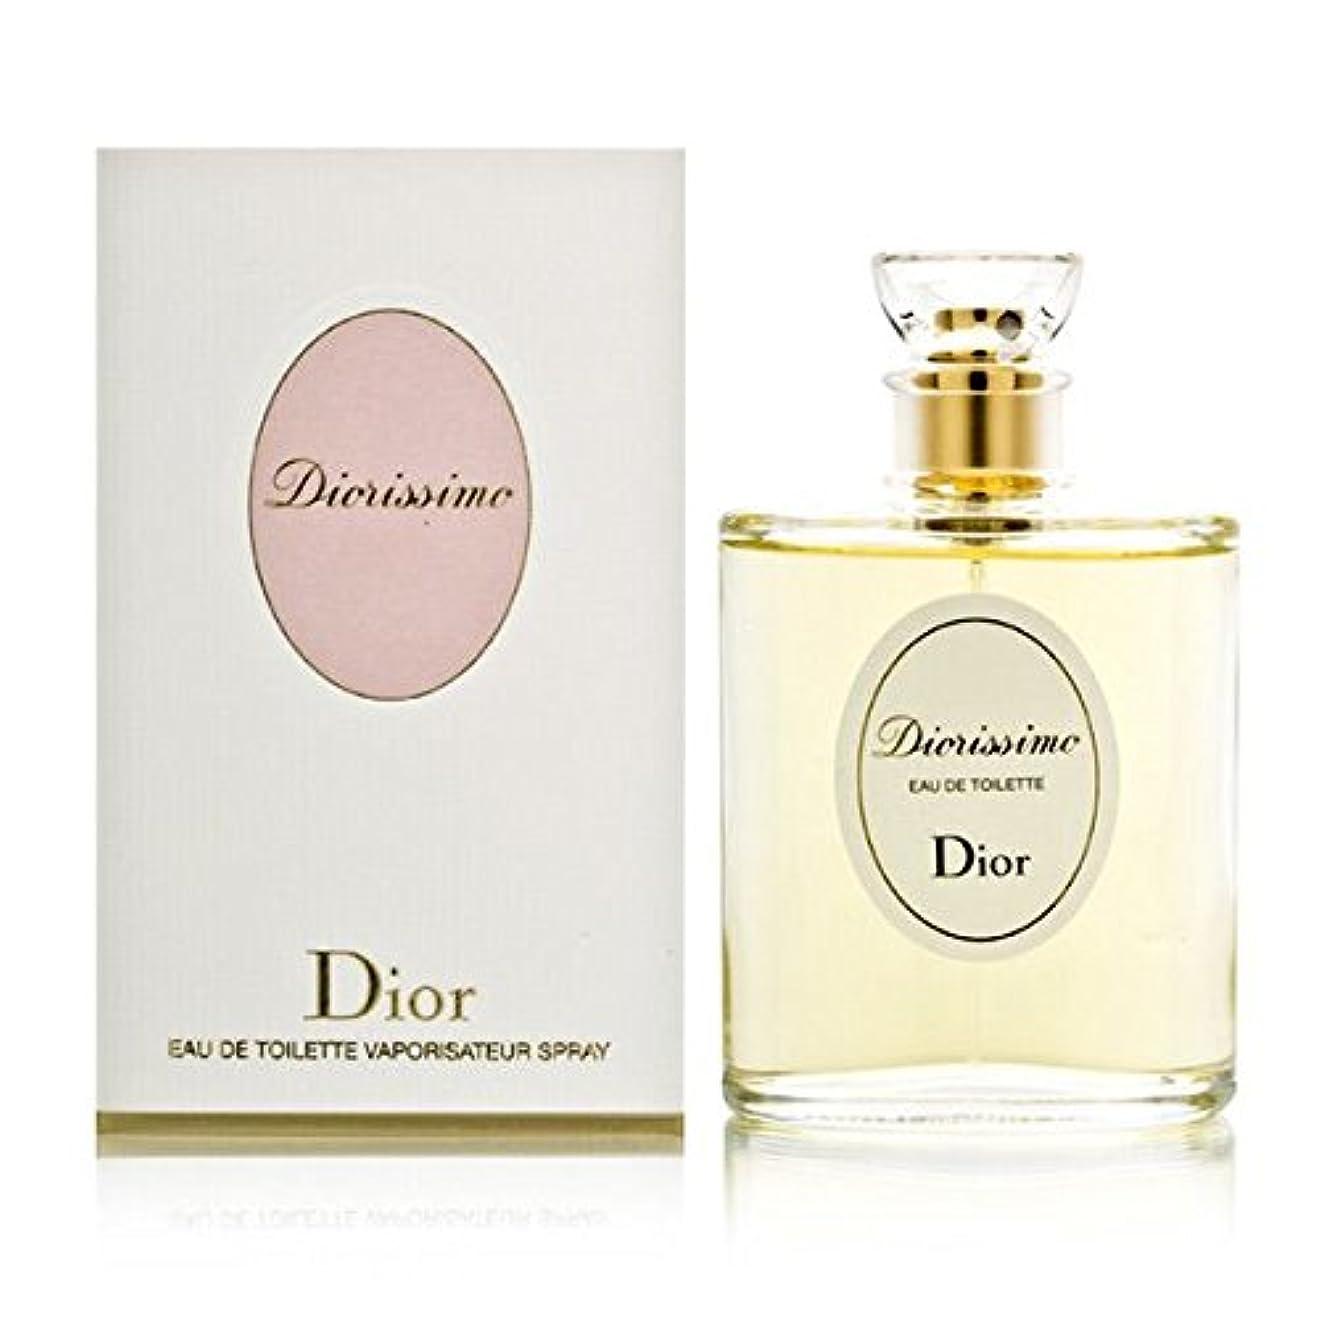 暗唱する夫婦儀式クリスチャン ディオール(Christian Dior) ディオリッシモ EDT SP 100ml[並行輸入品]